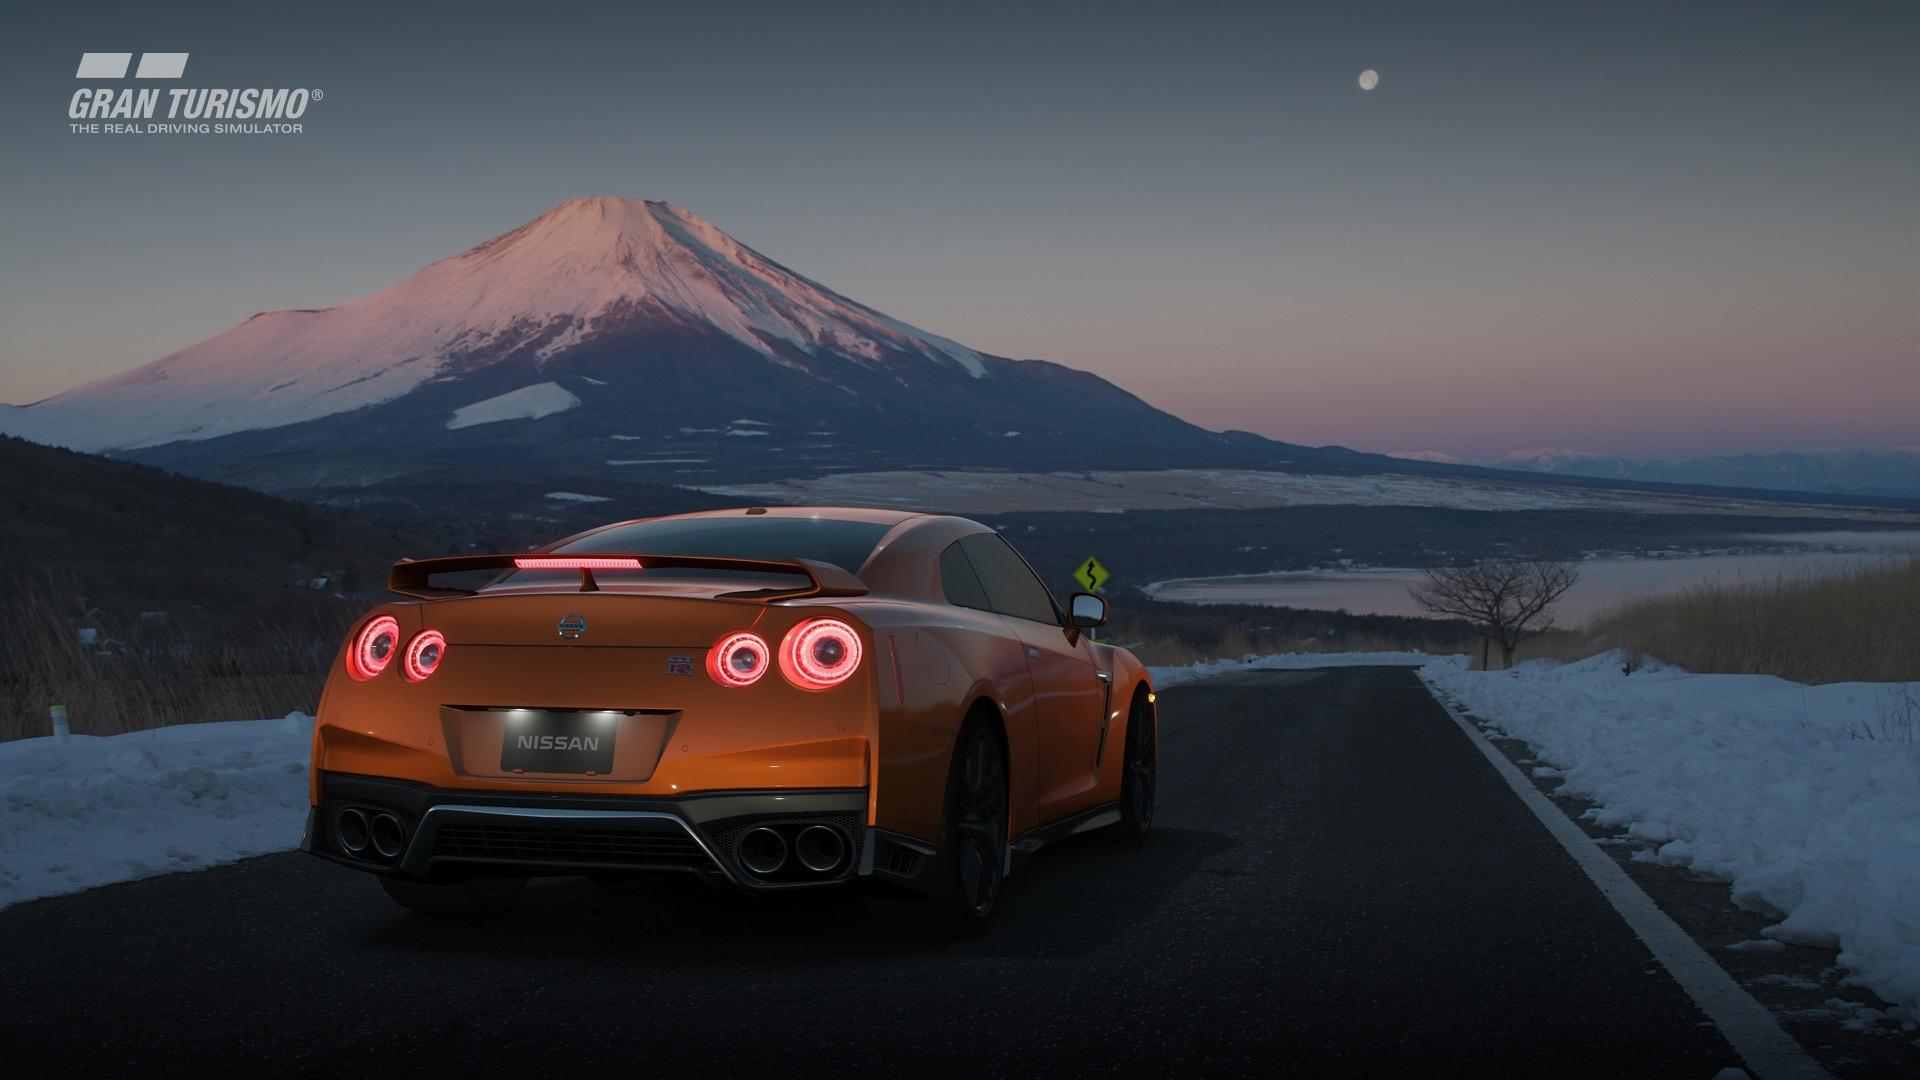 Análisis de Gran Turismo Sport, el retorno de la mítica saga de conducción 4